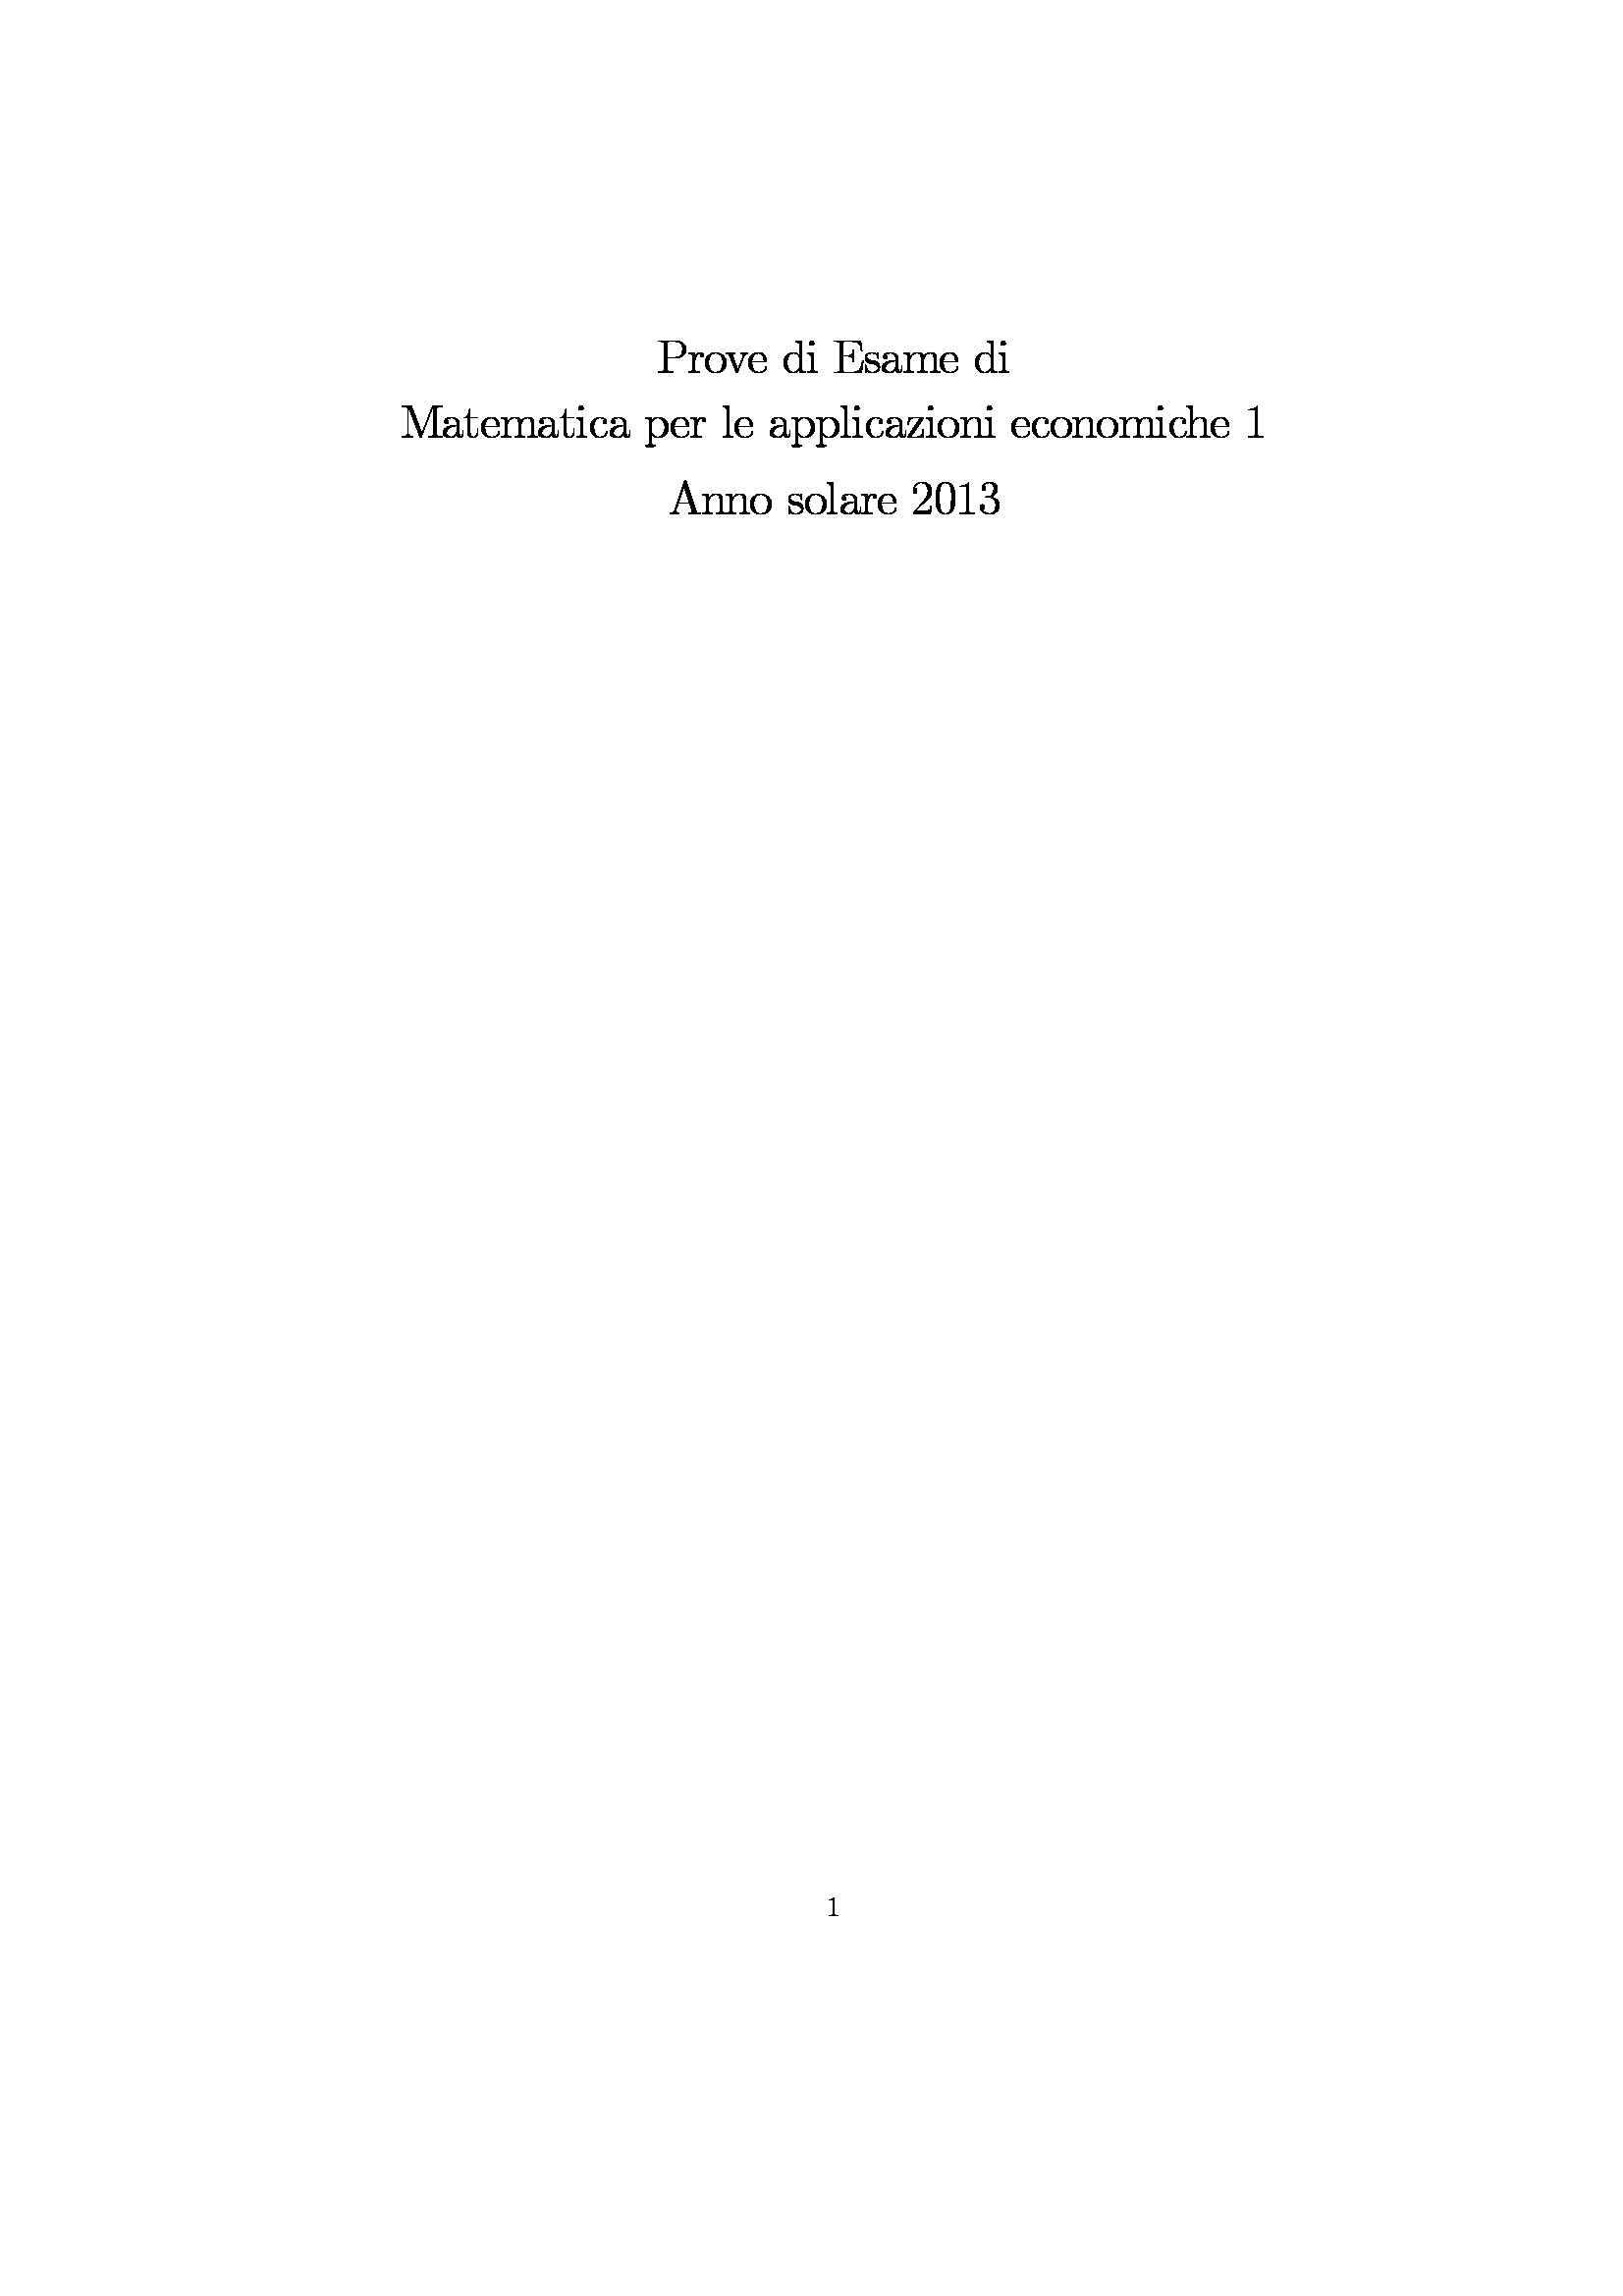 Matematica per le applicazioni economiche - esercizi